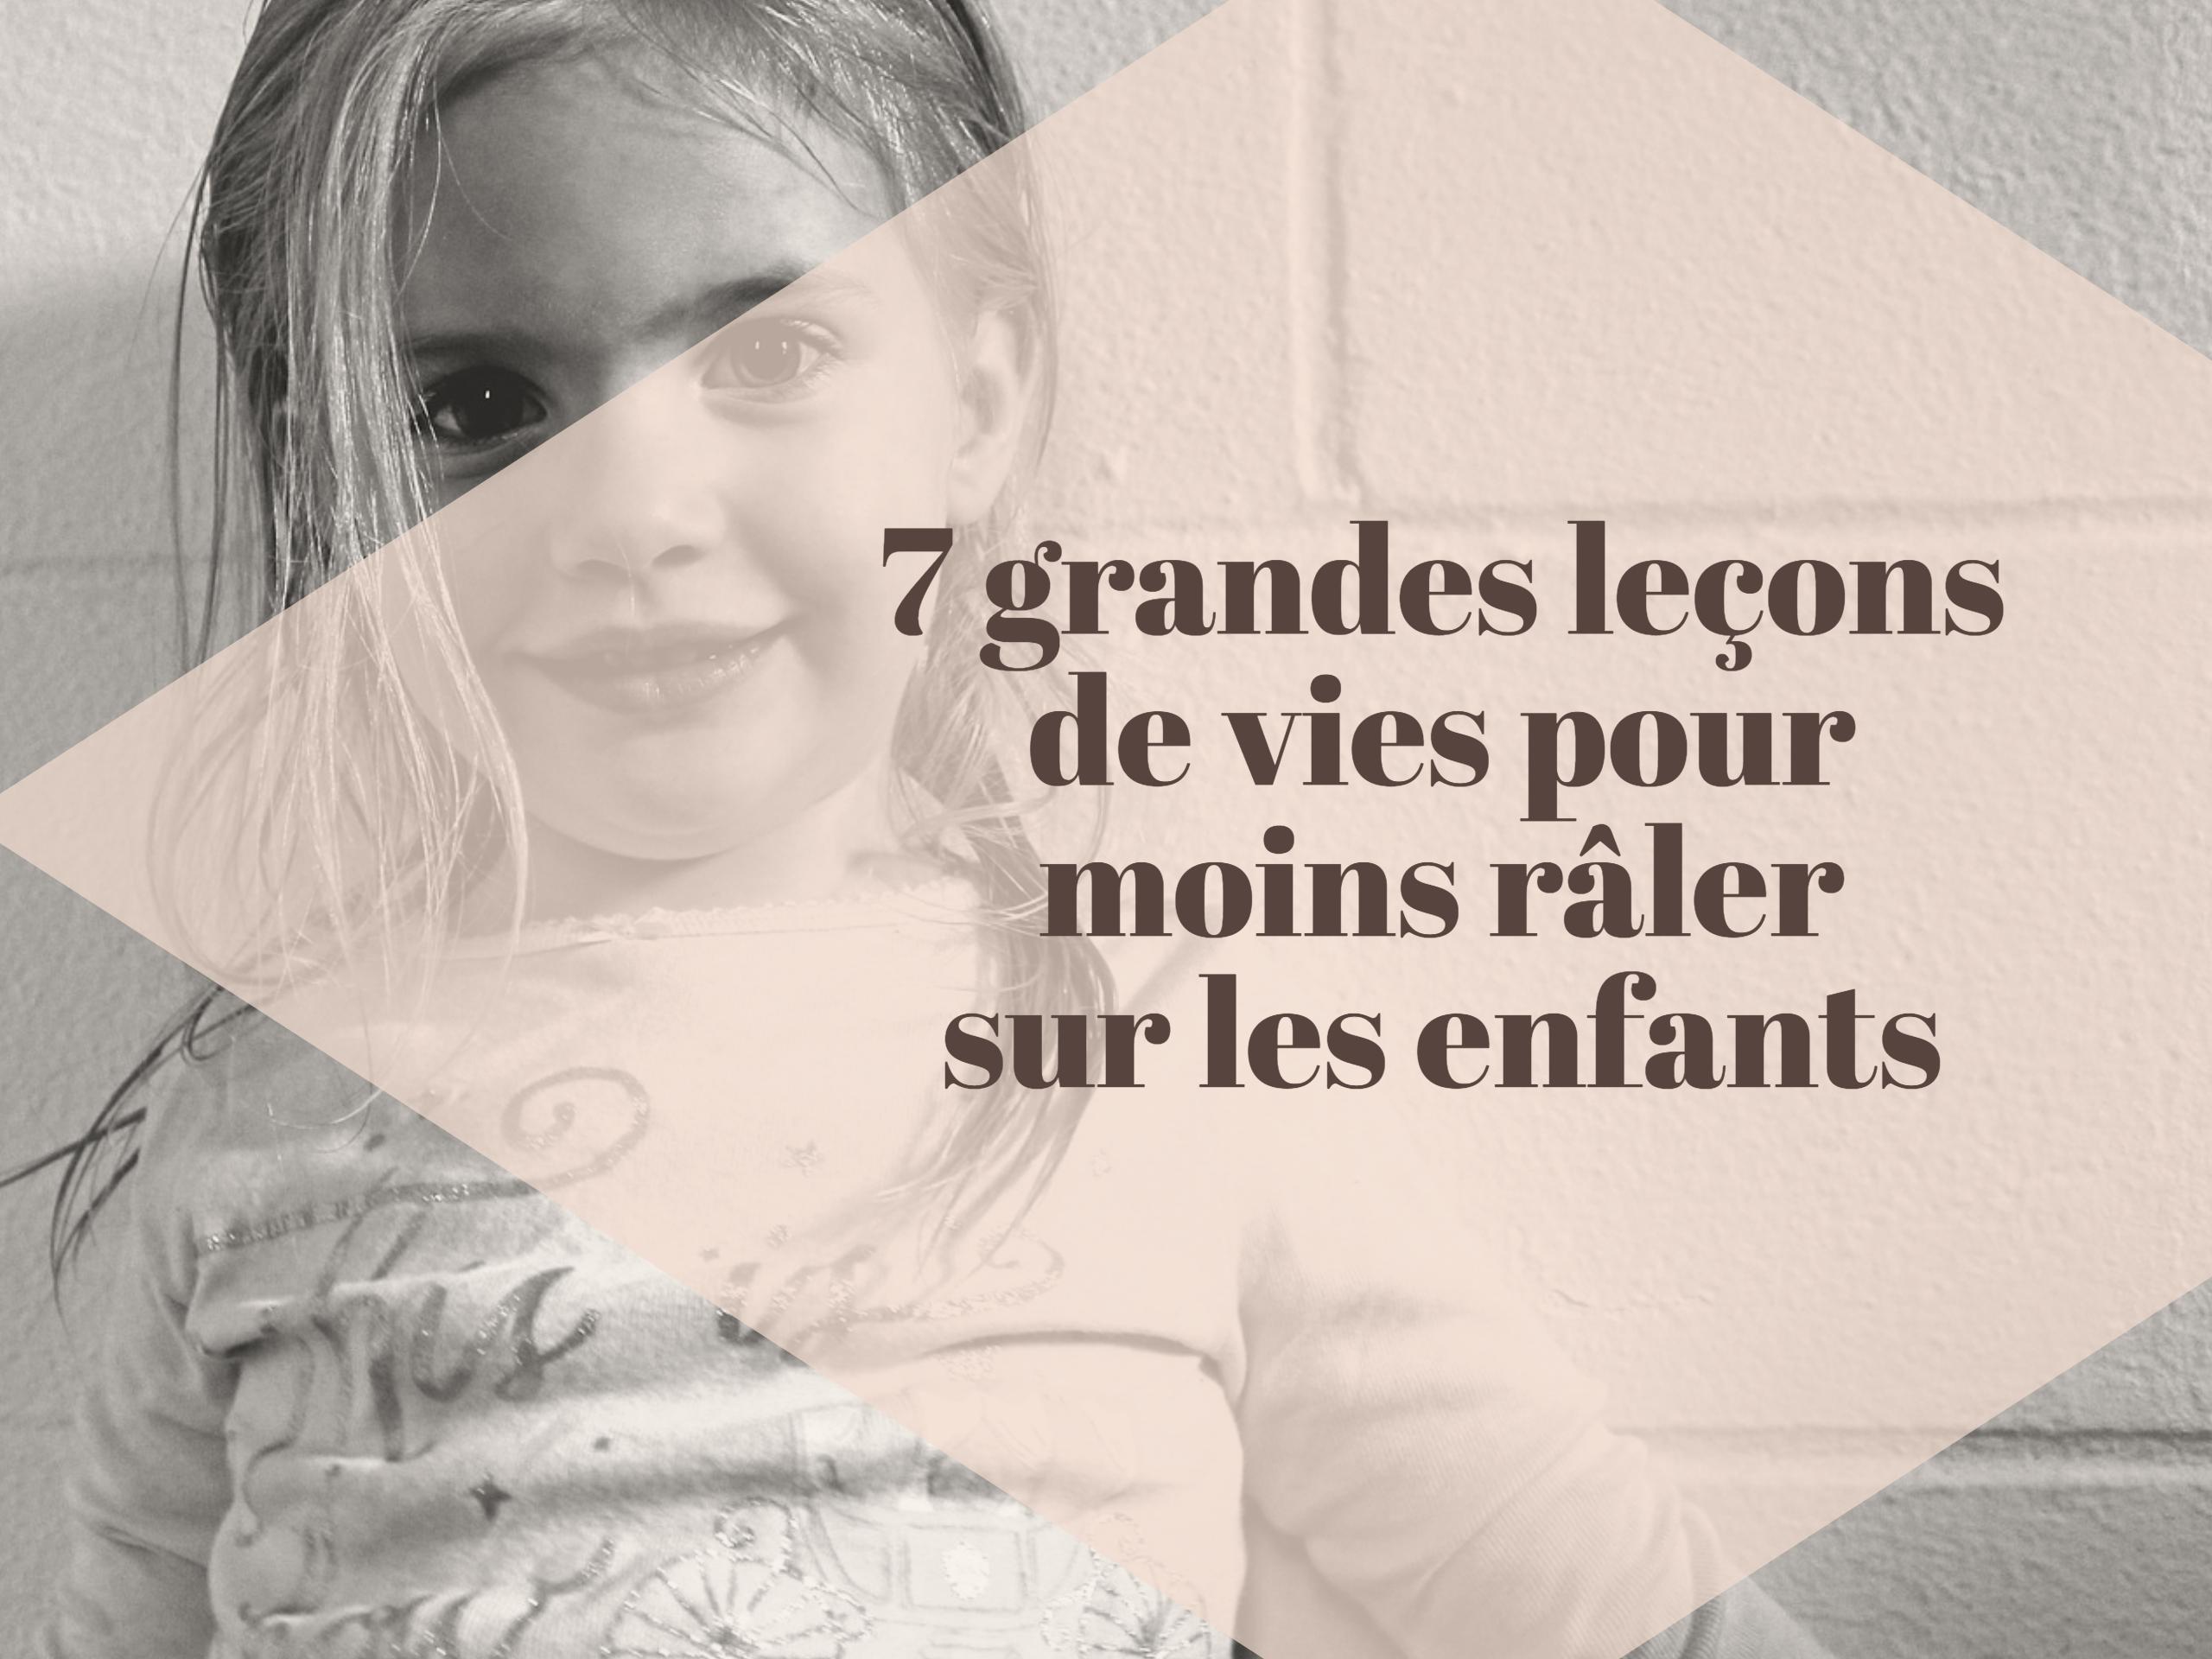 7 grandes leçons de vies pour moins râler sur les enfants